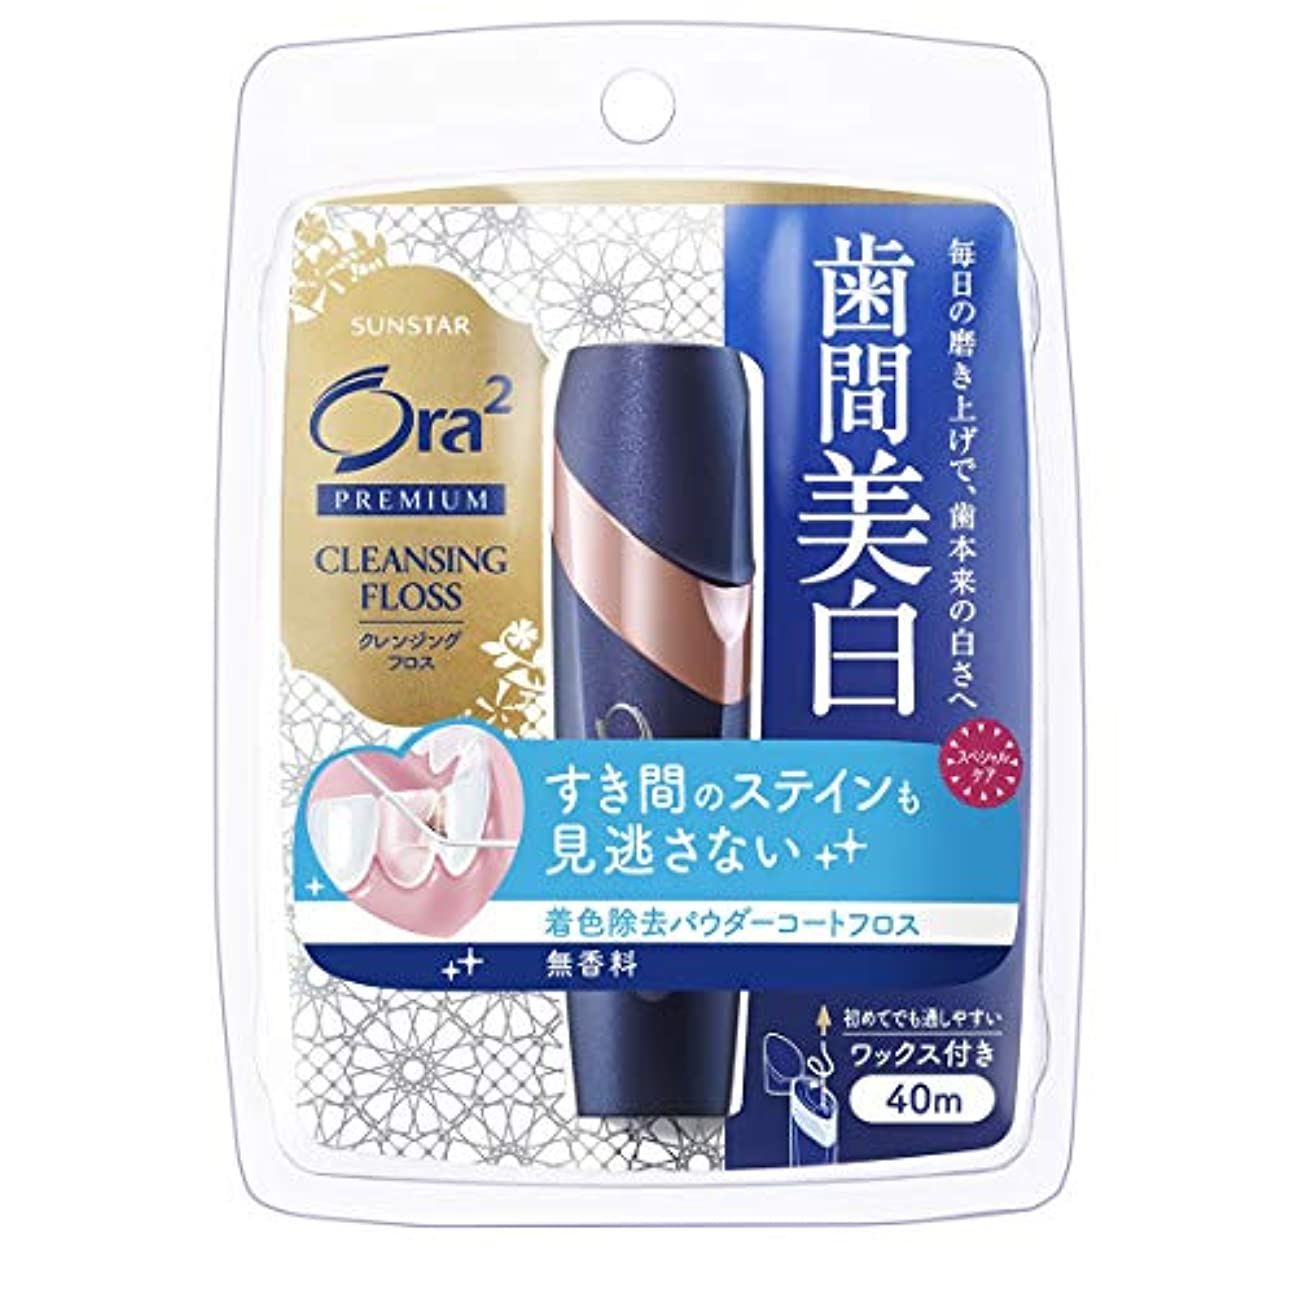 震え可能にする襲撃Ora2(オーラツー) プレミアム クレンジングフロス 歯間美白 無香料 ワックス付き 40m